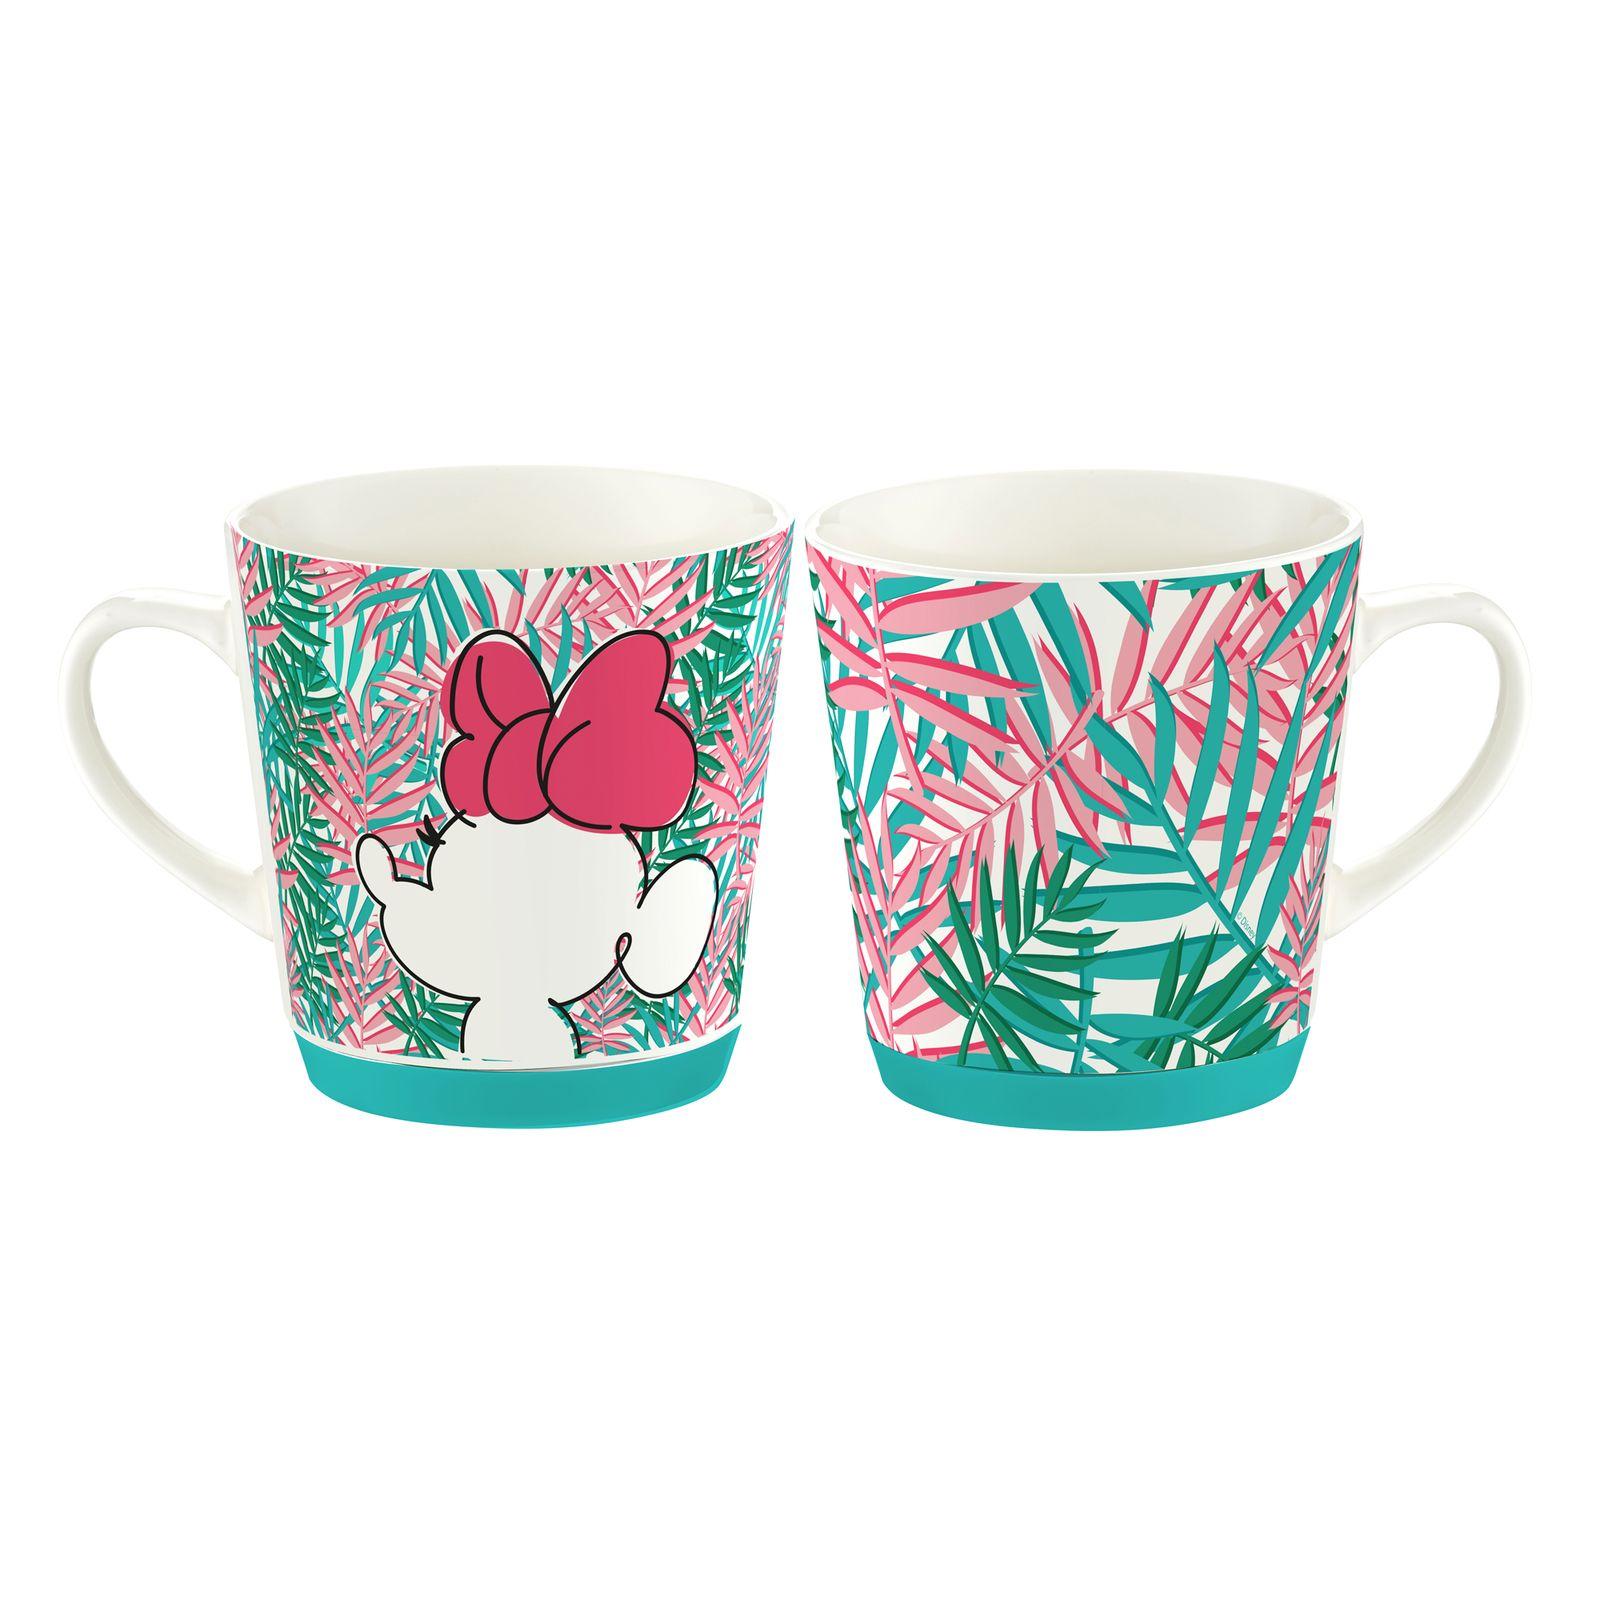 Tasse en porcelaine Minnie Tropical 32 cl Feuilles de palmier DISNEY / AMBITION